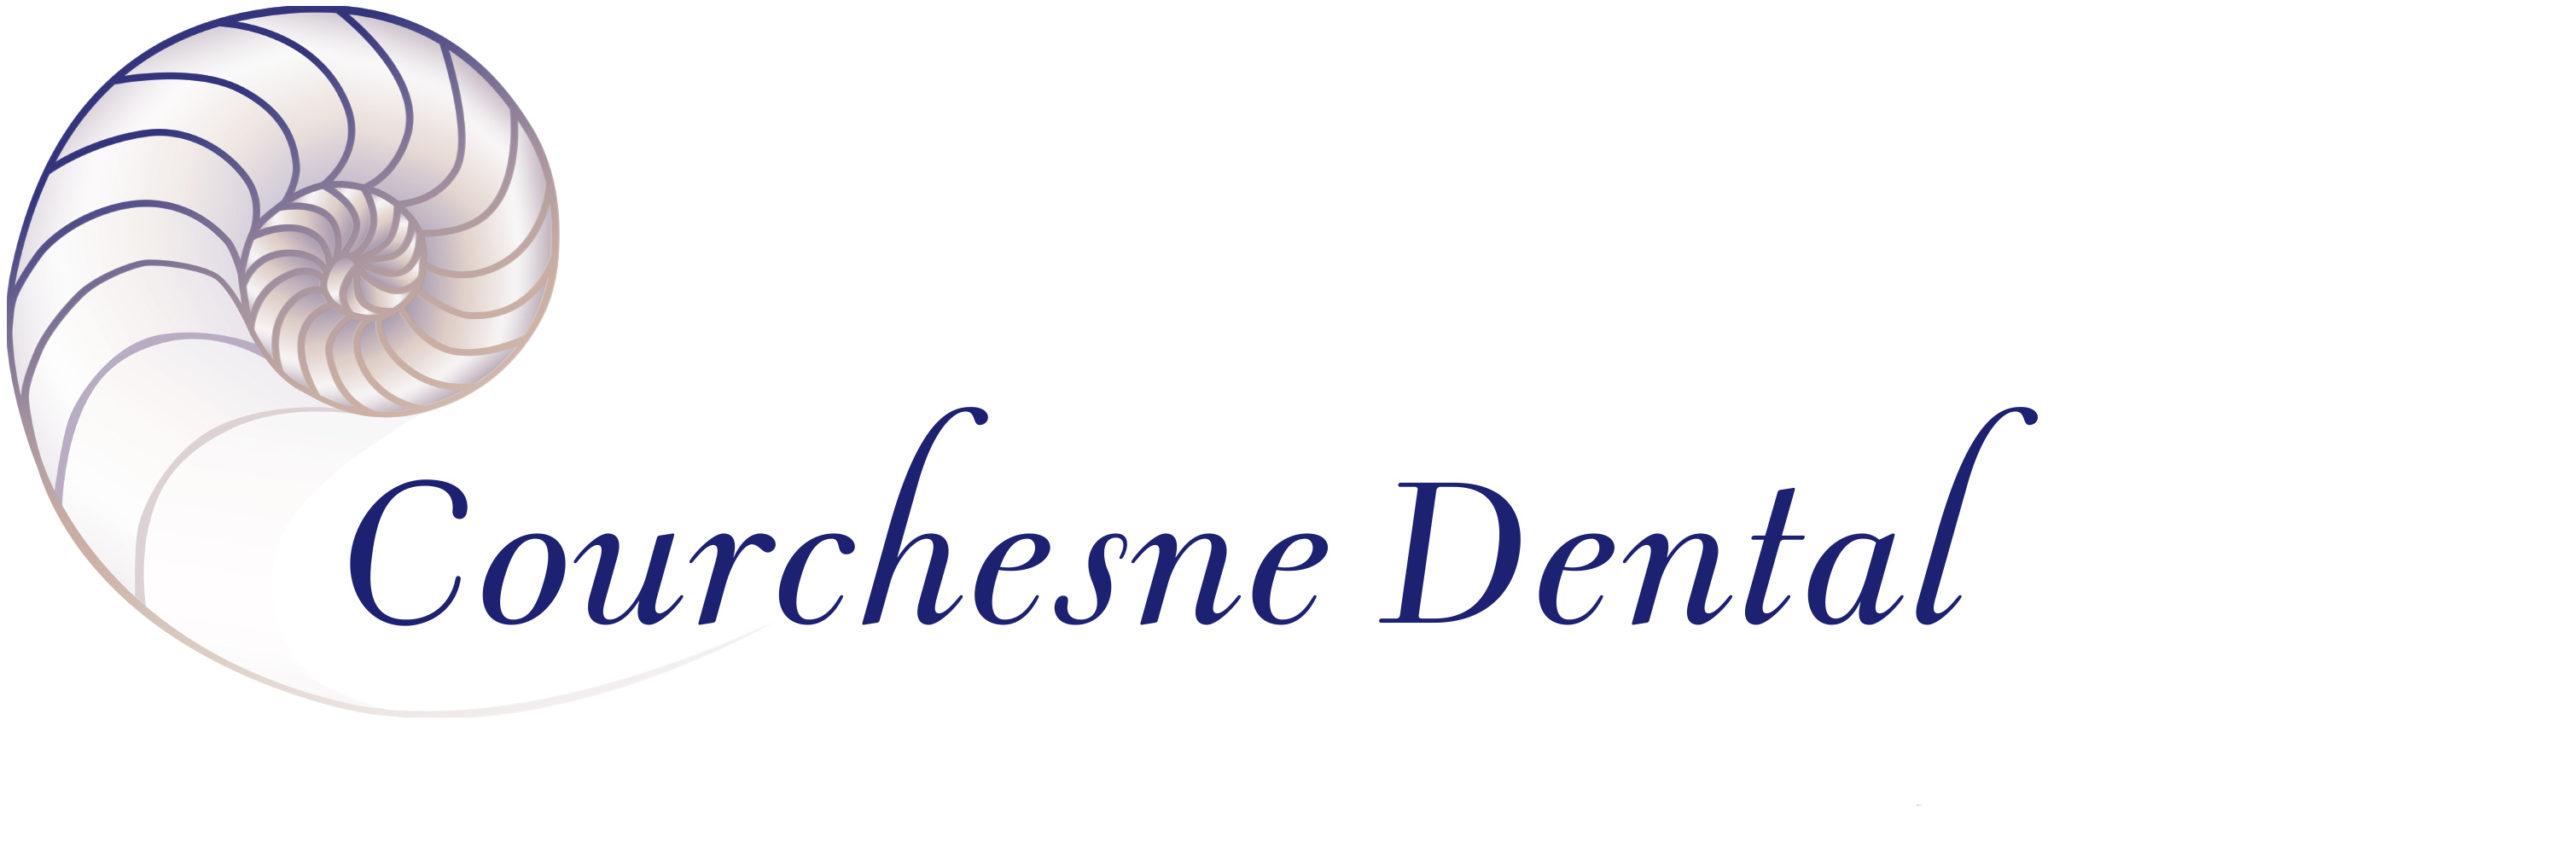 Courchesne Dental